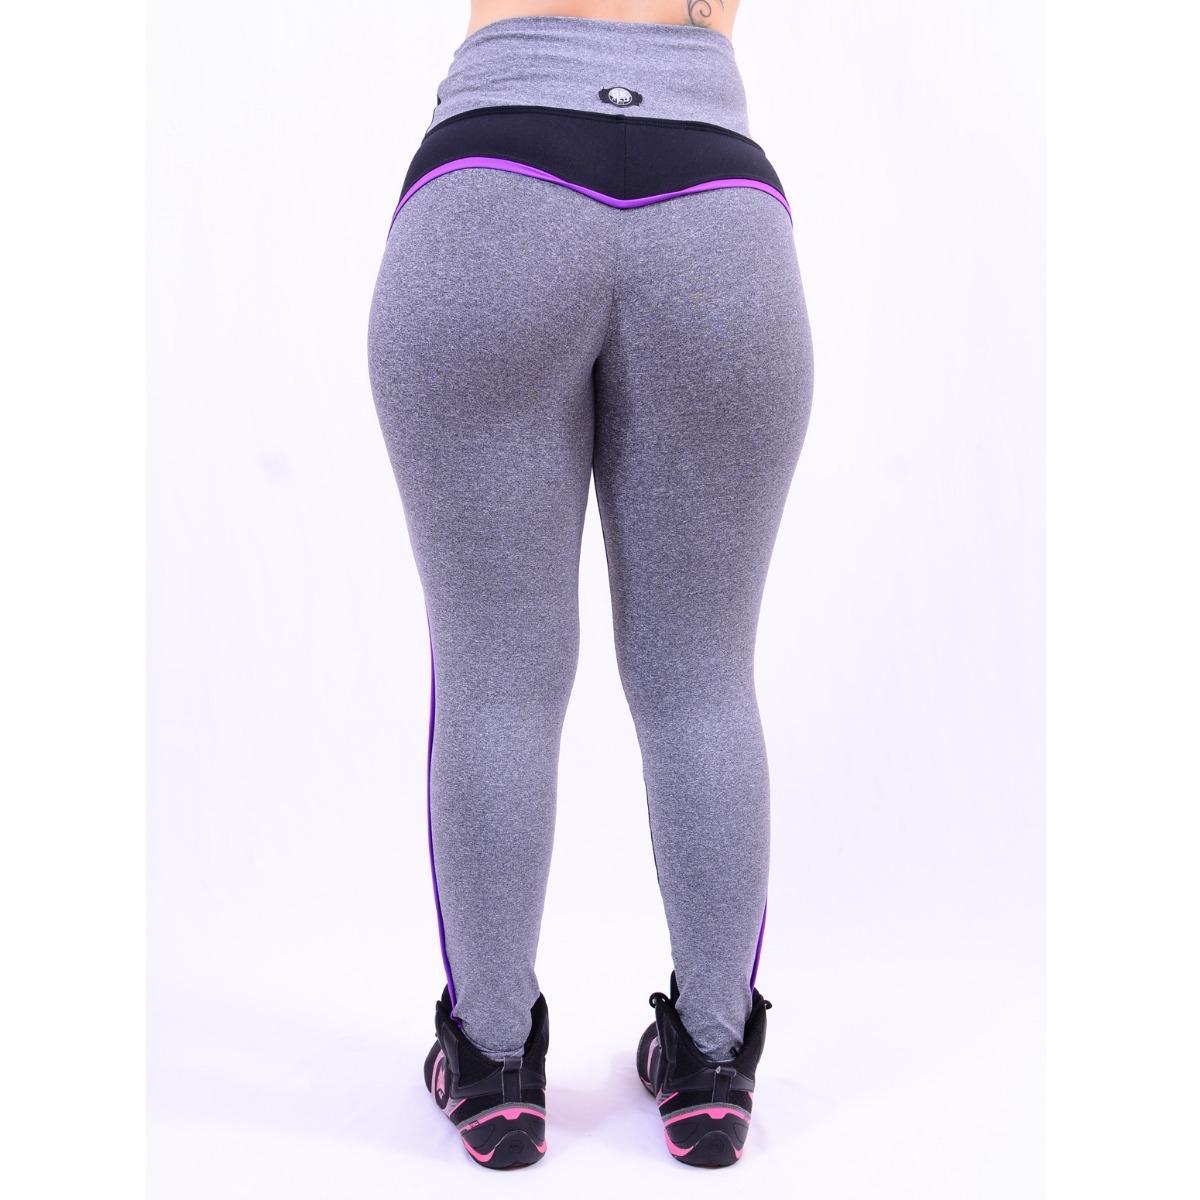 3bae25d4a calça legging fitness dual la seduzione preta mescla. Carregando zoom.